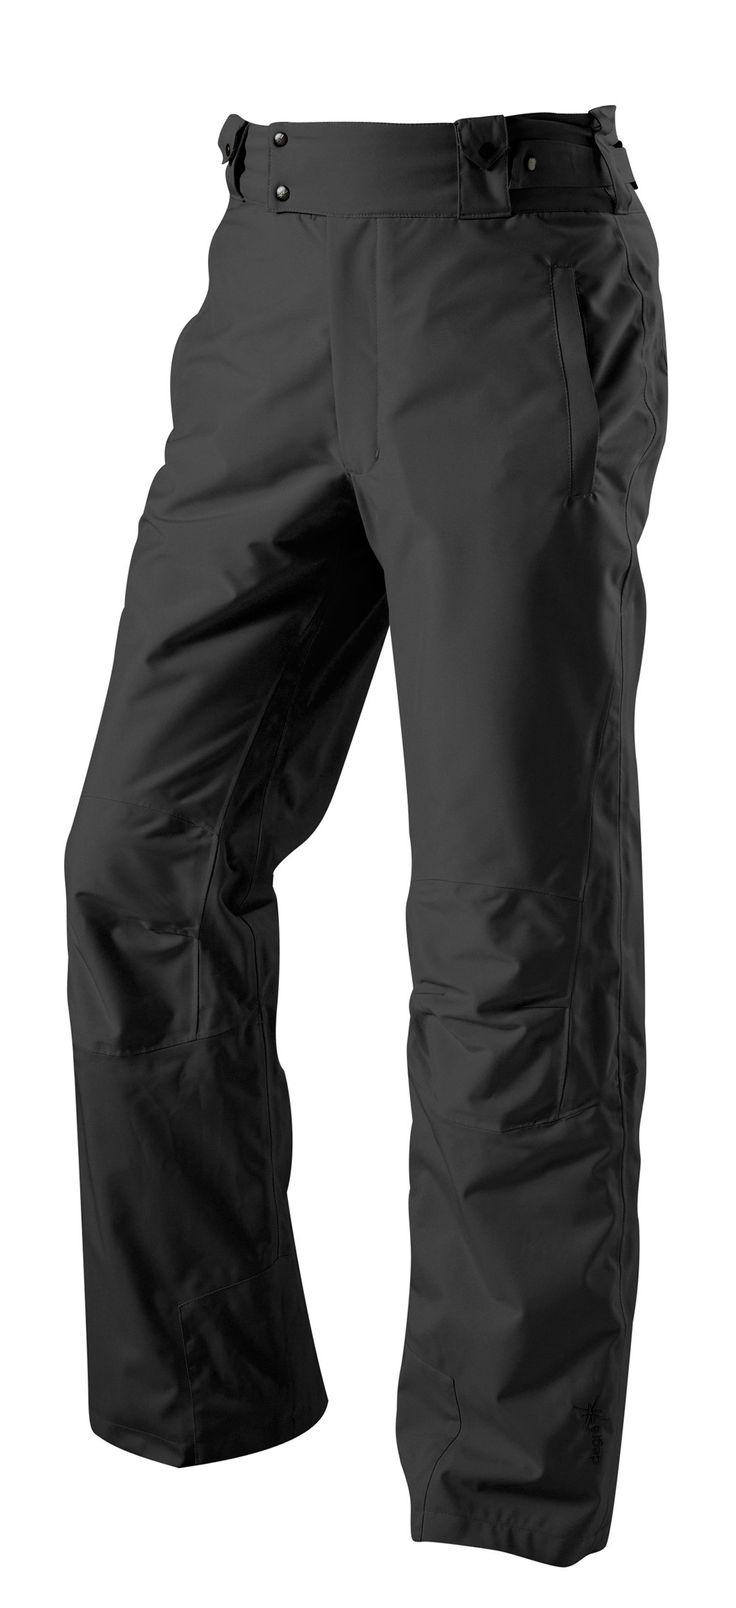 Pantalon de ski homme Aiguille Degré 7 noir